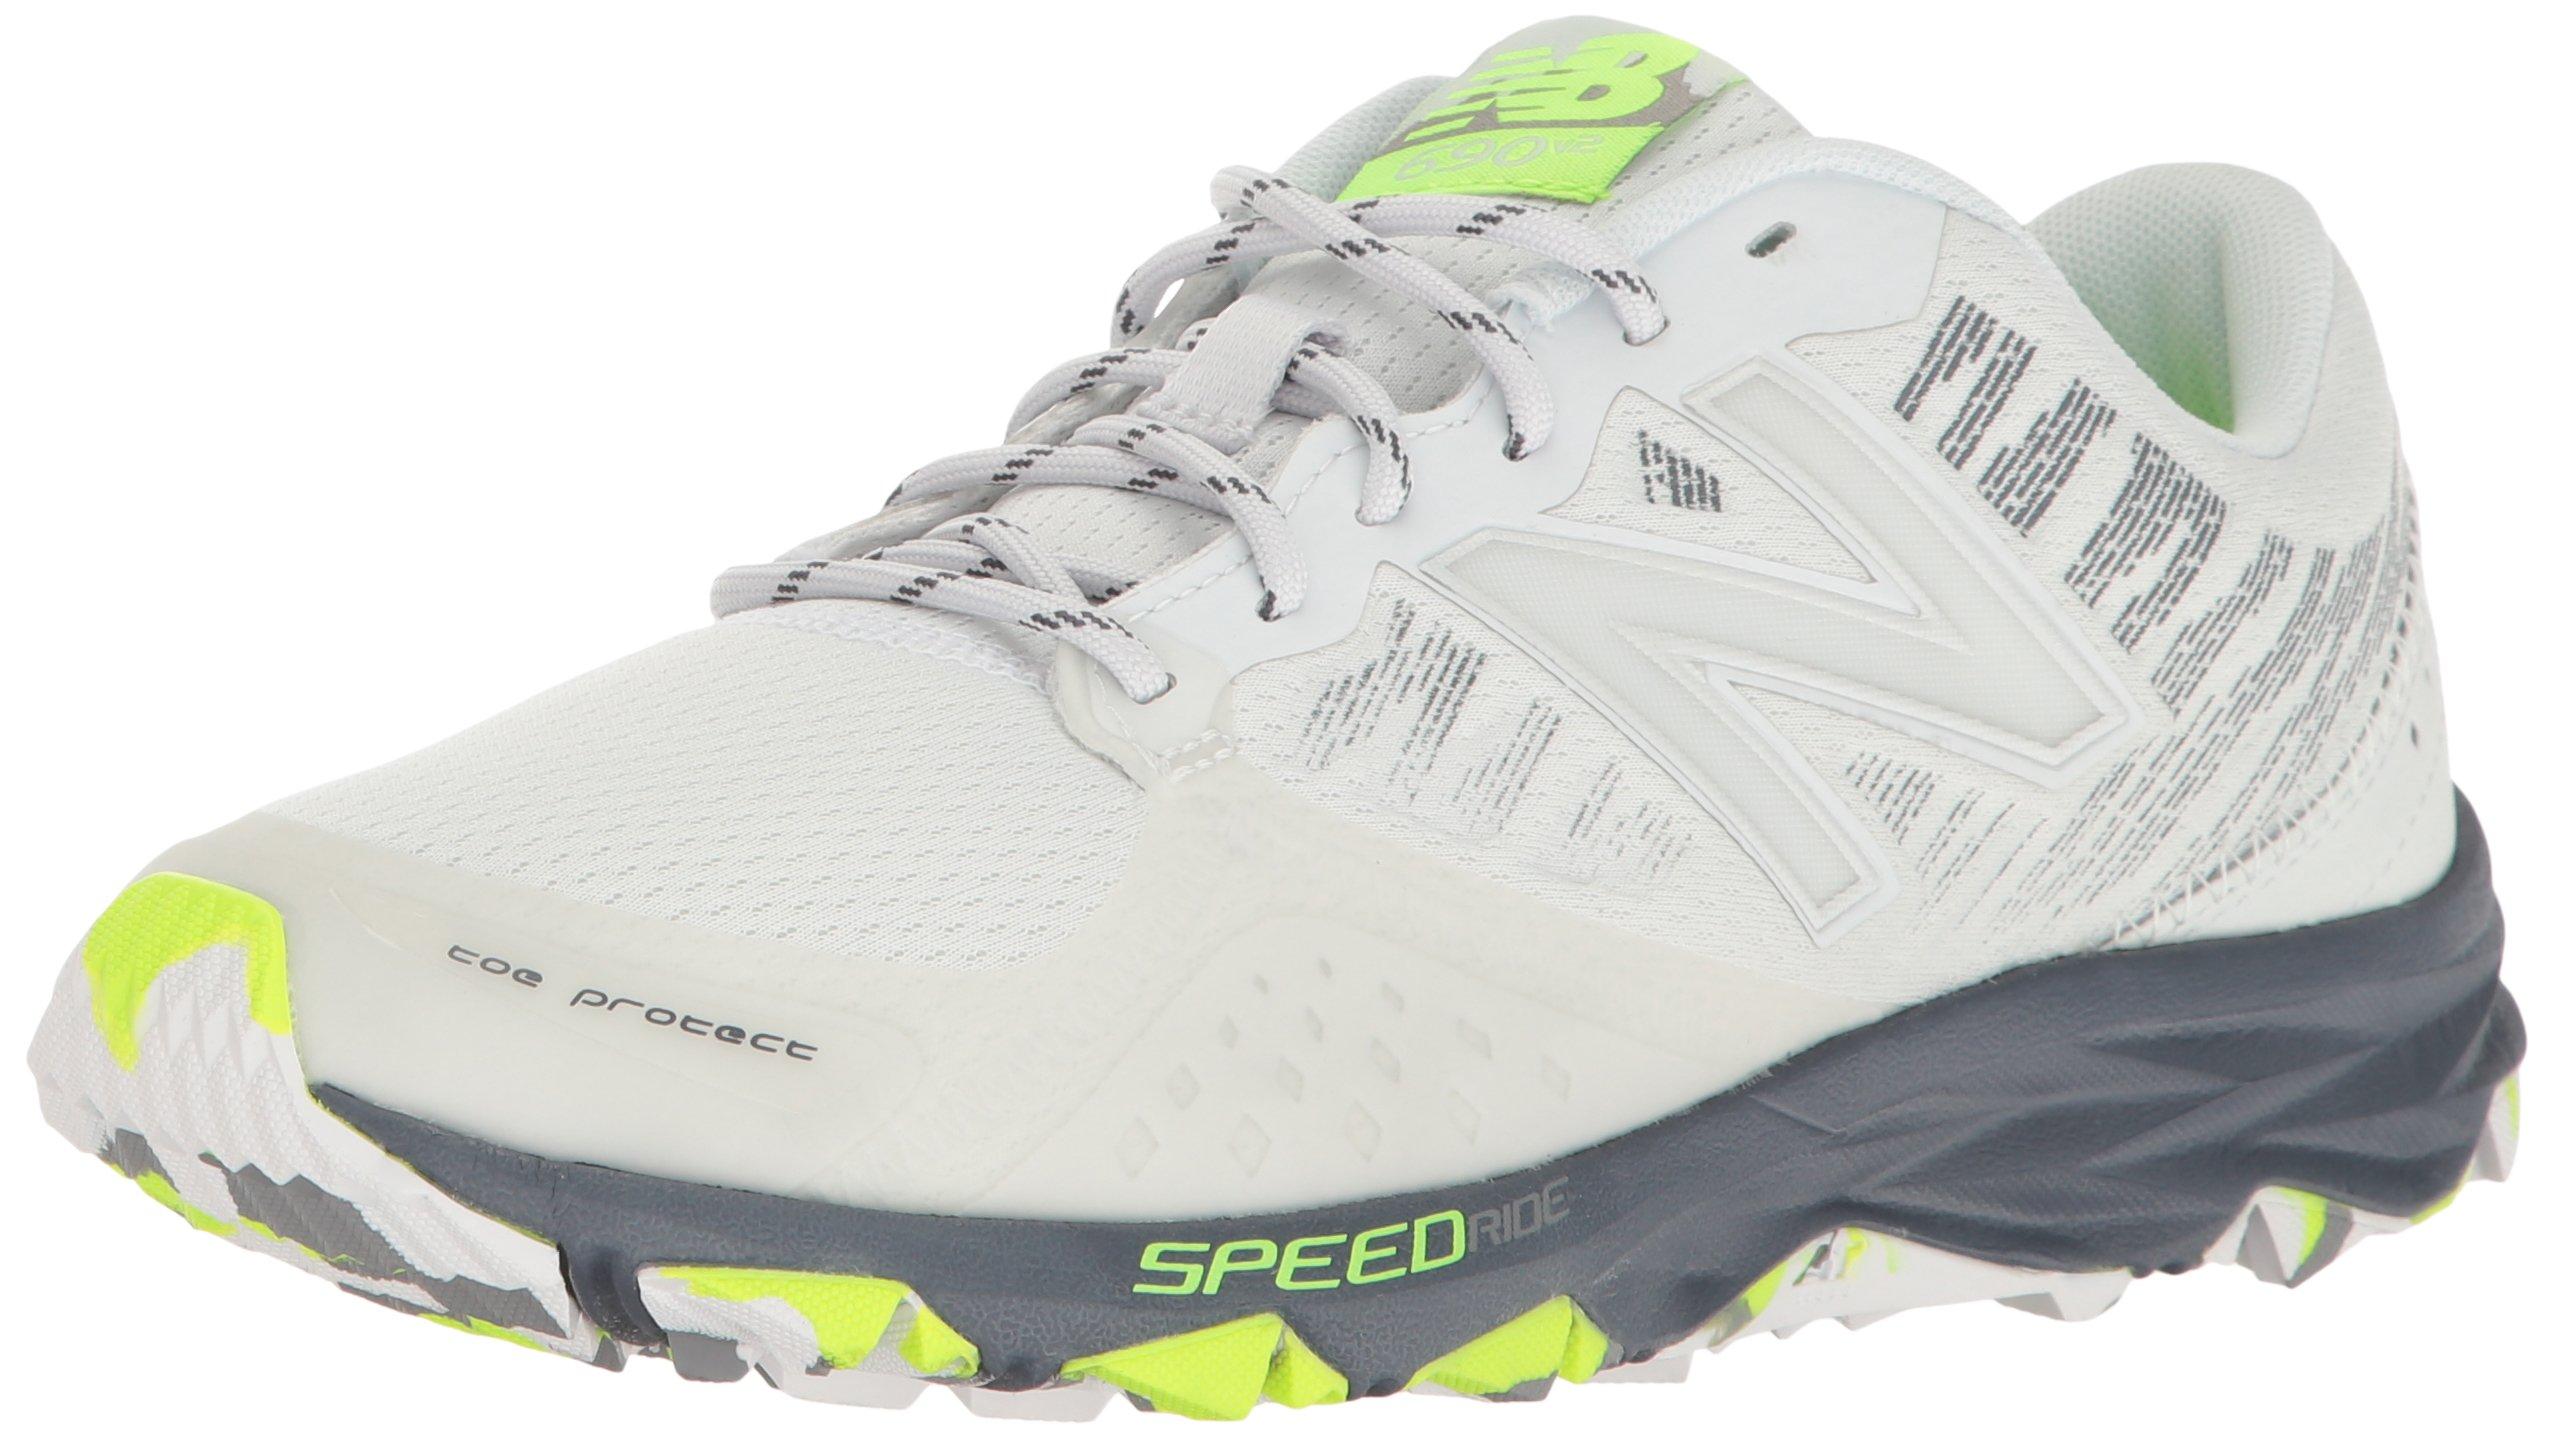 New Balance Women's Responsive 690v2 Running Shoe Trail Runner, Artic Fox/Thunder, 7.5 D US